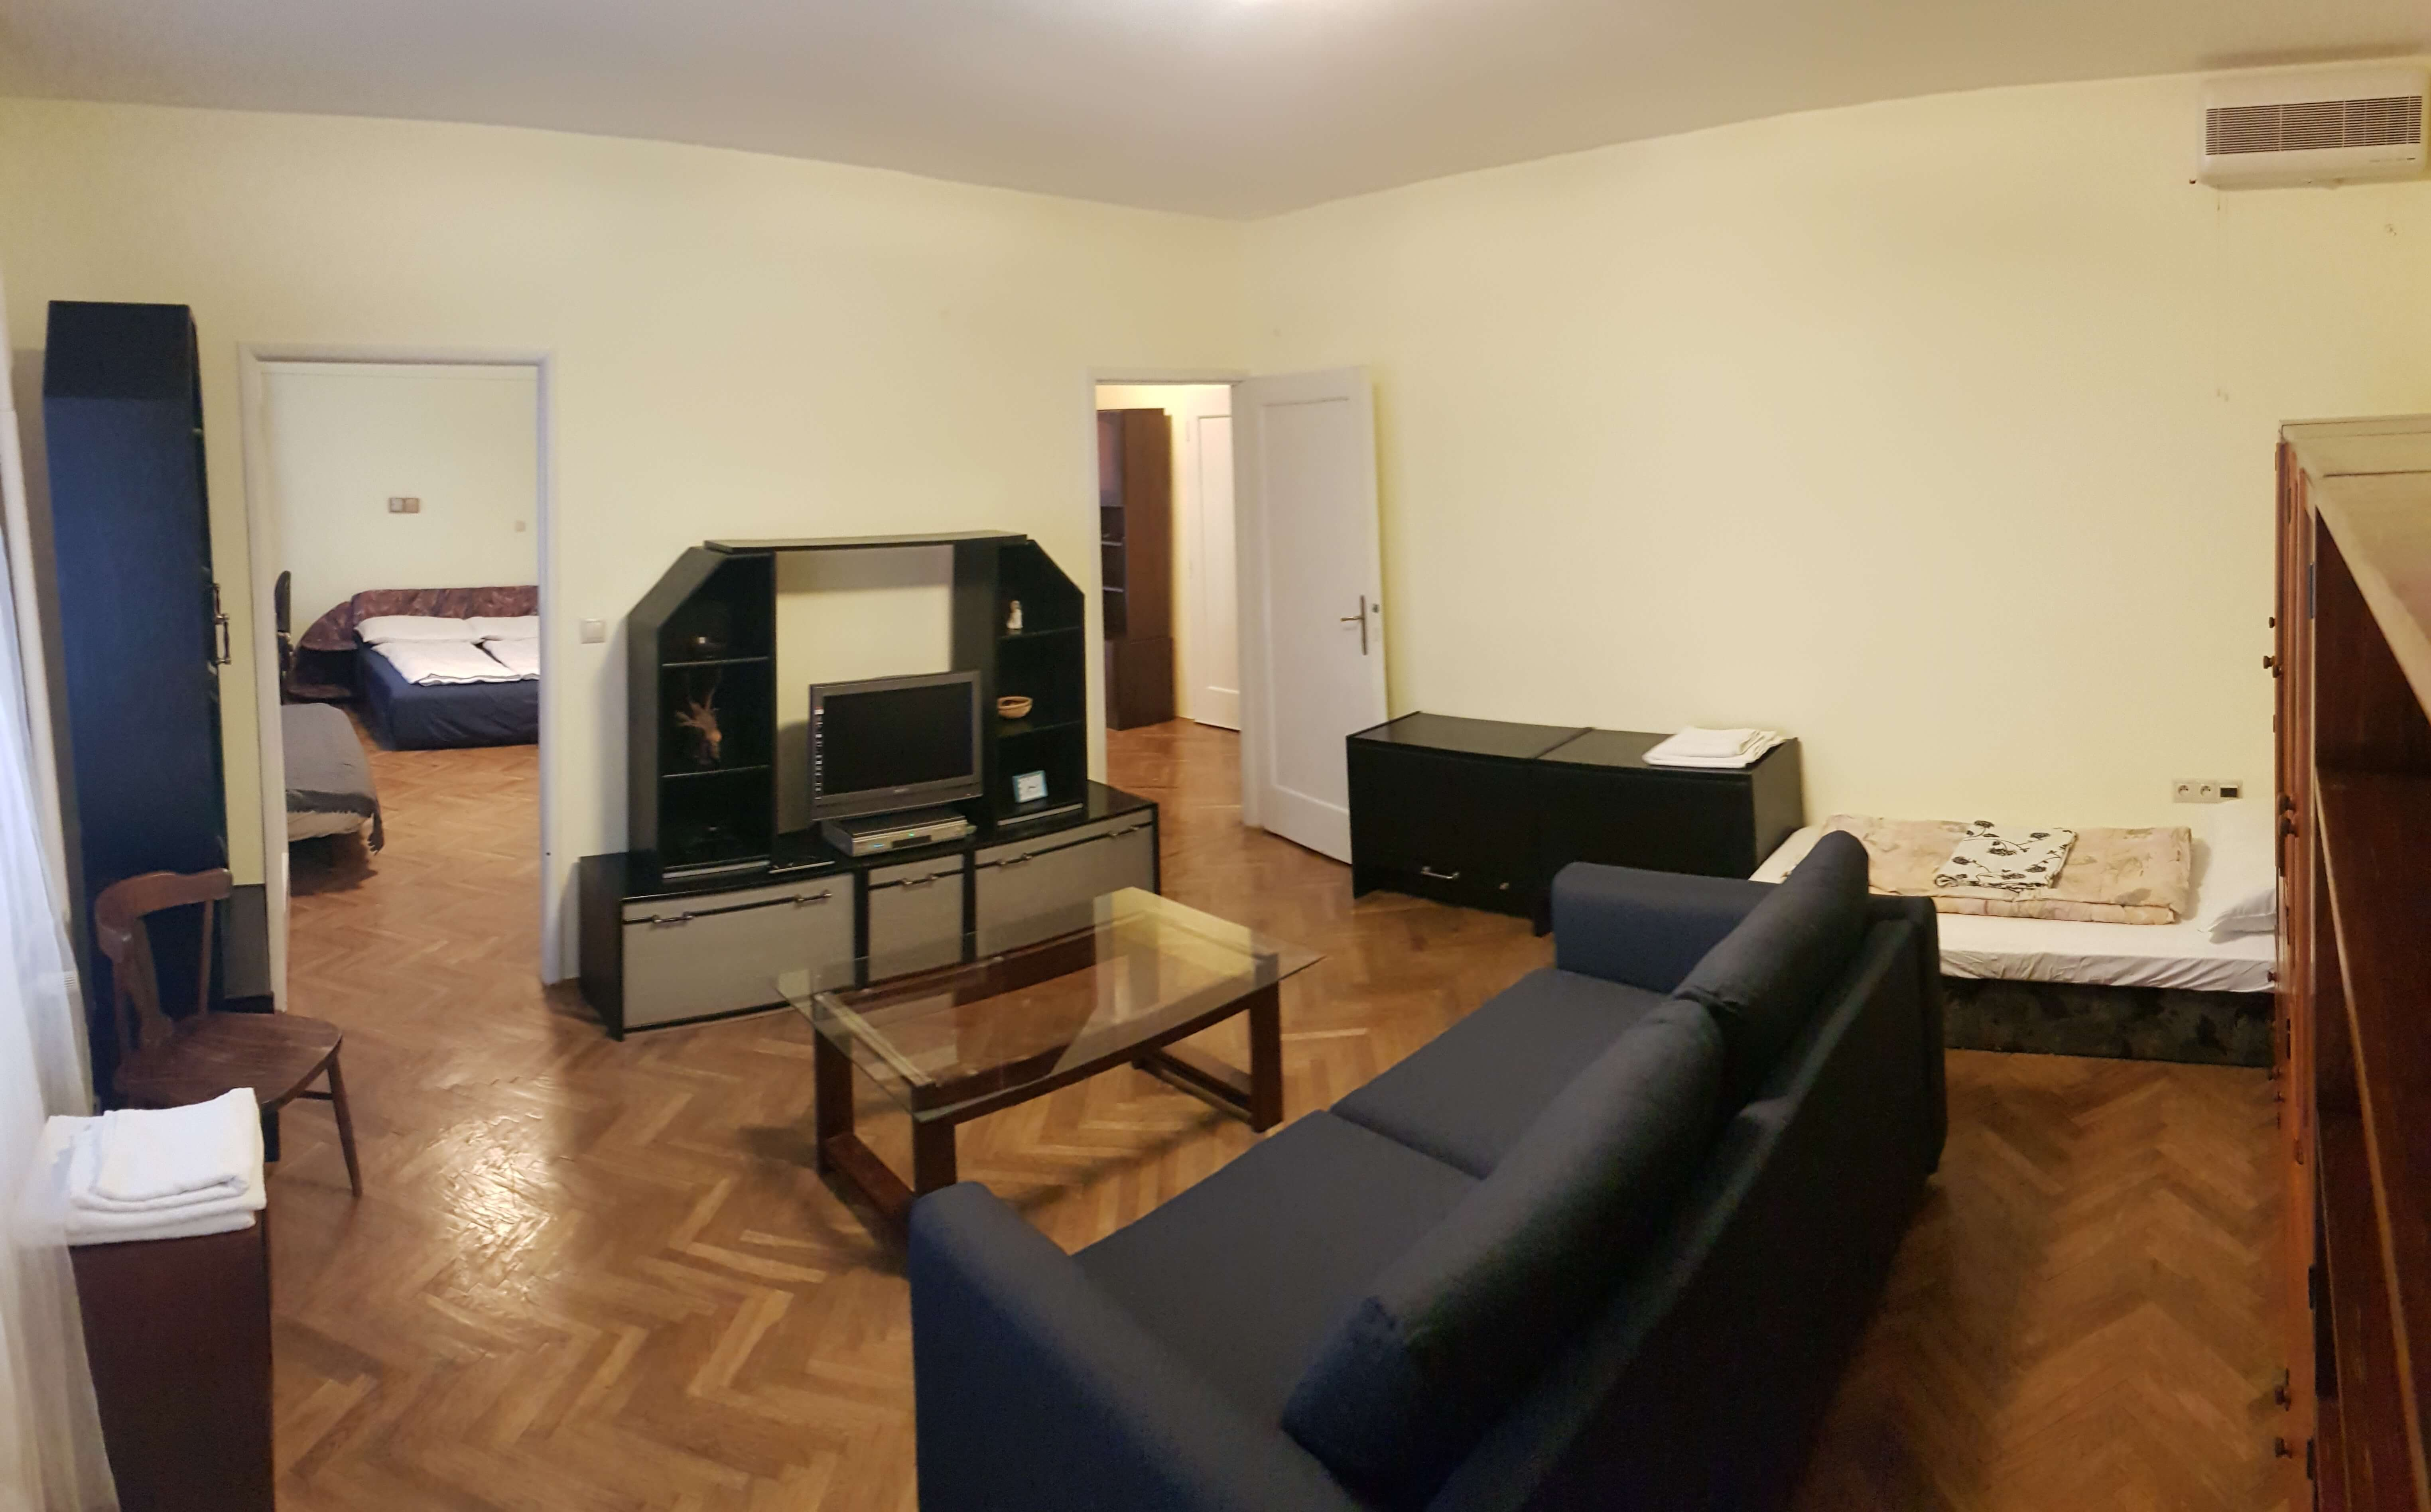 Prenájom jednej izby v 2 izb. byte, staré mesto, Šancová ulica, Bratislava, 80m2, zariadený-0